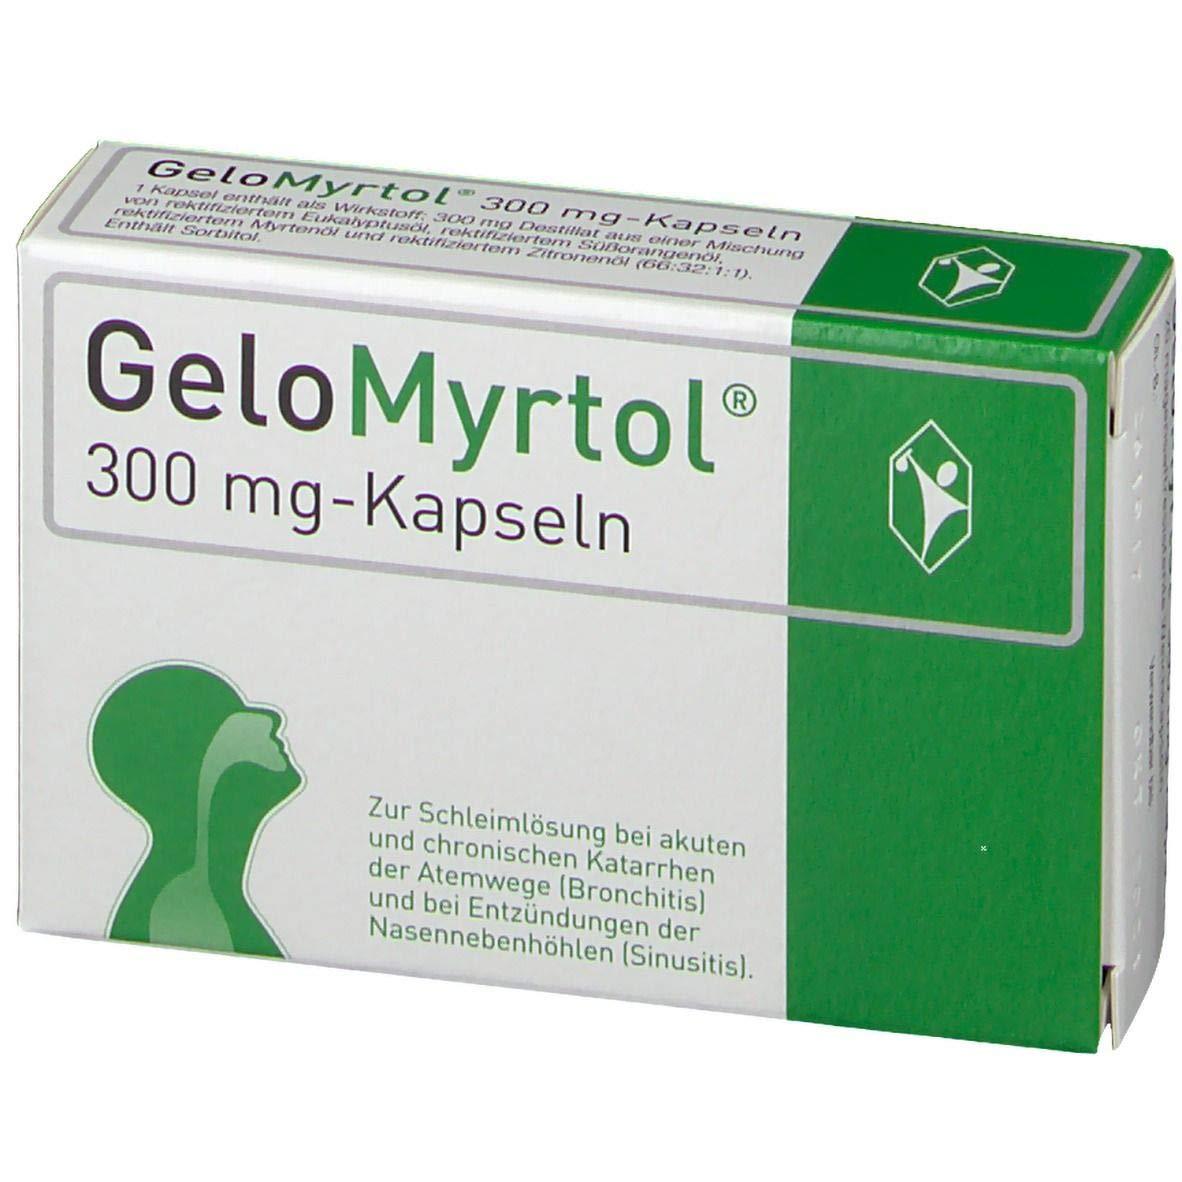 Gelomyrtol Forte 20 Kapseln Capsules by Gelomyrtol